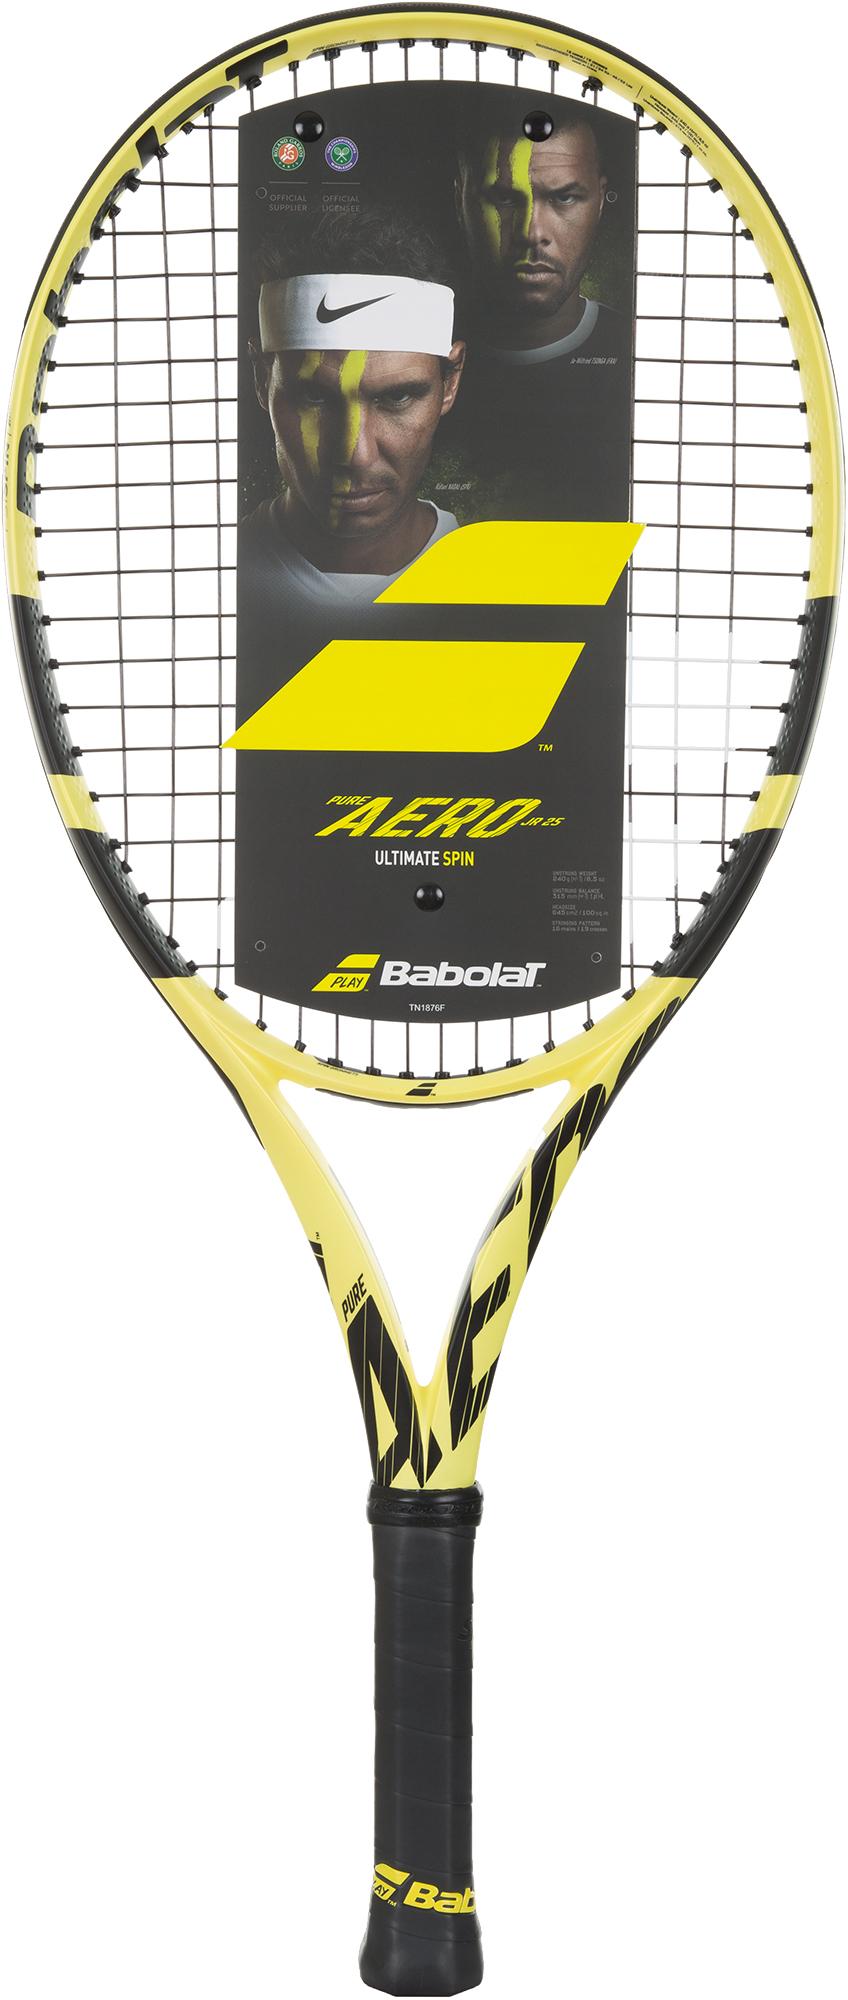 Babolat Теннисная ракетка Babolat PURE AERO JUNIOR 25 babolat ракетка для большого тенниса детская babolat aero junior 25 размер без размера